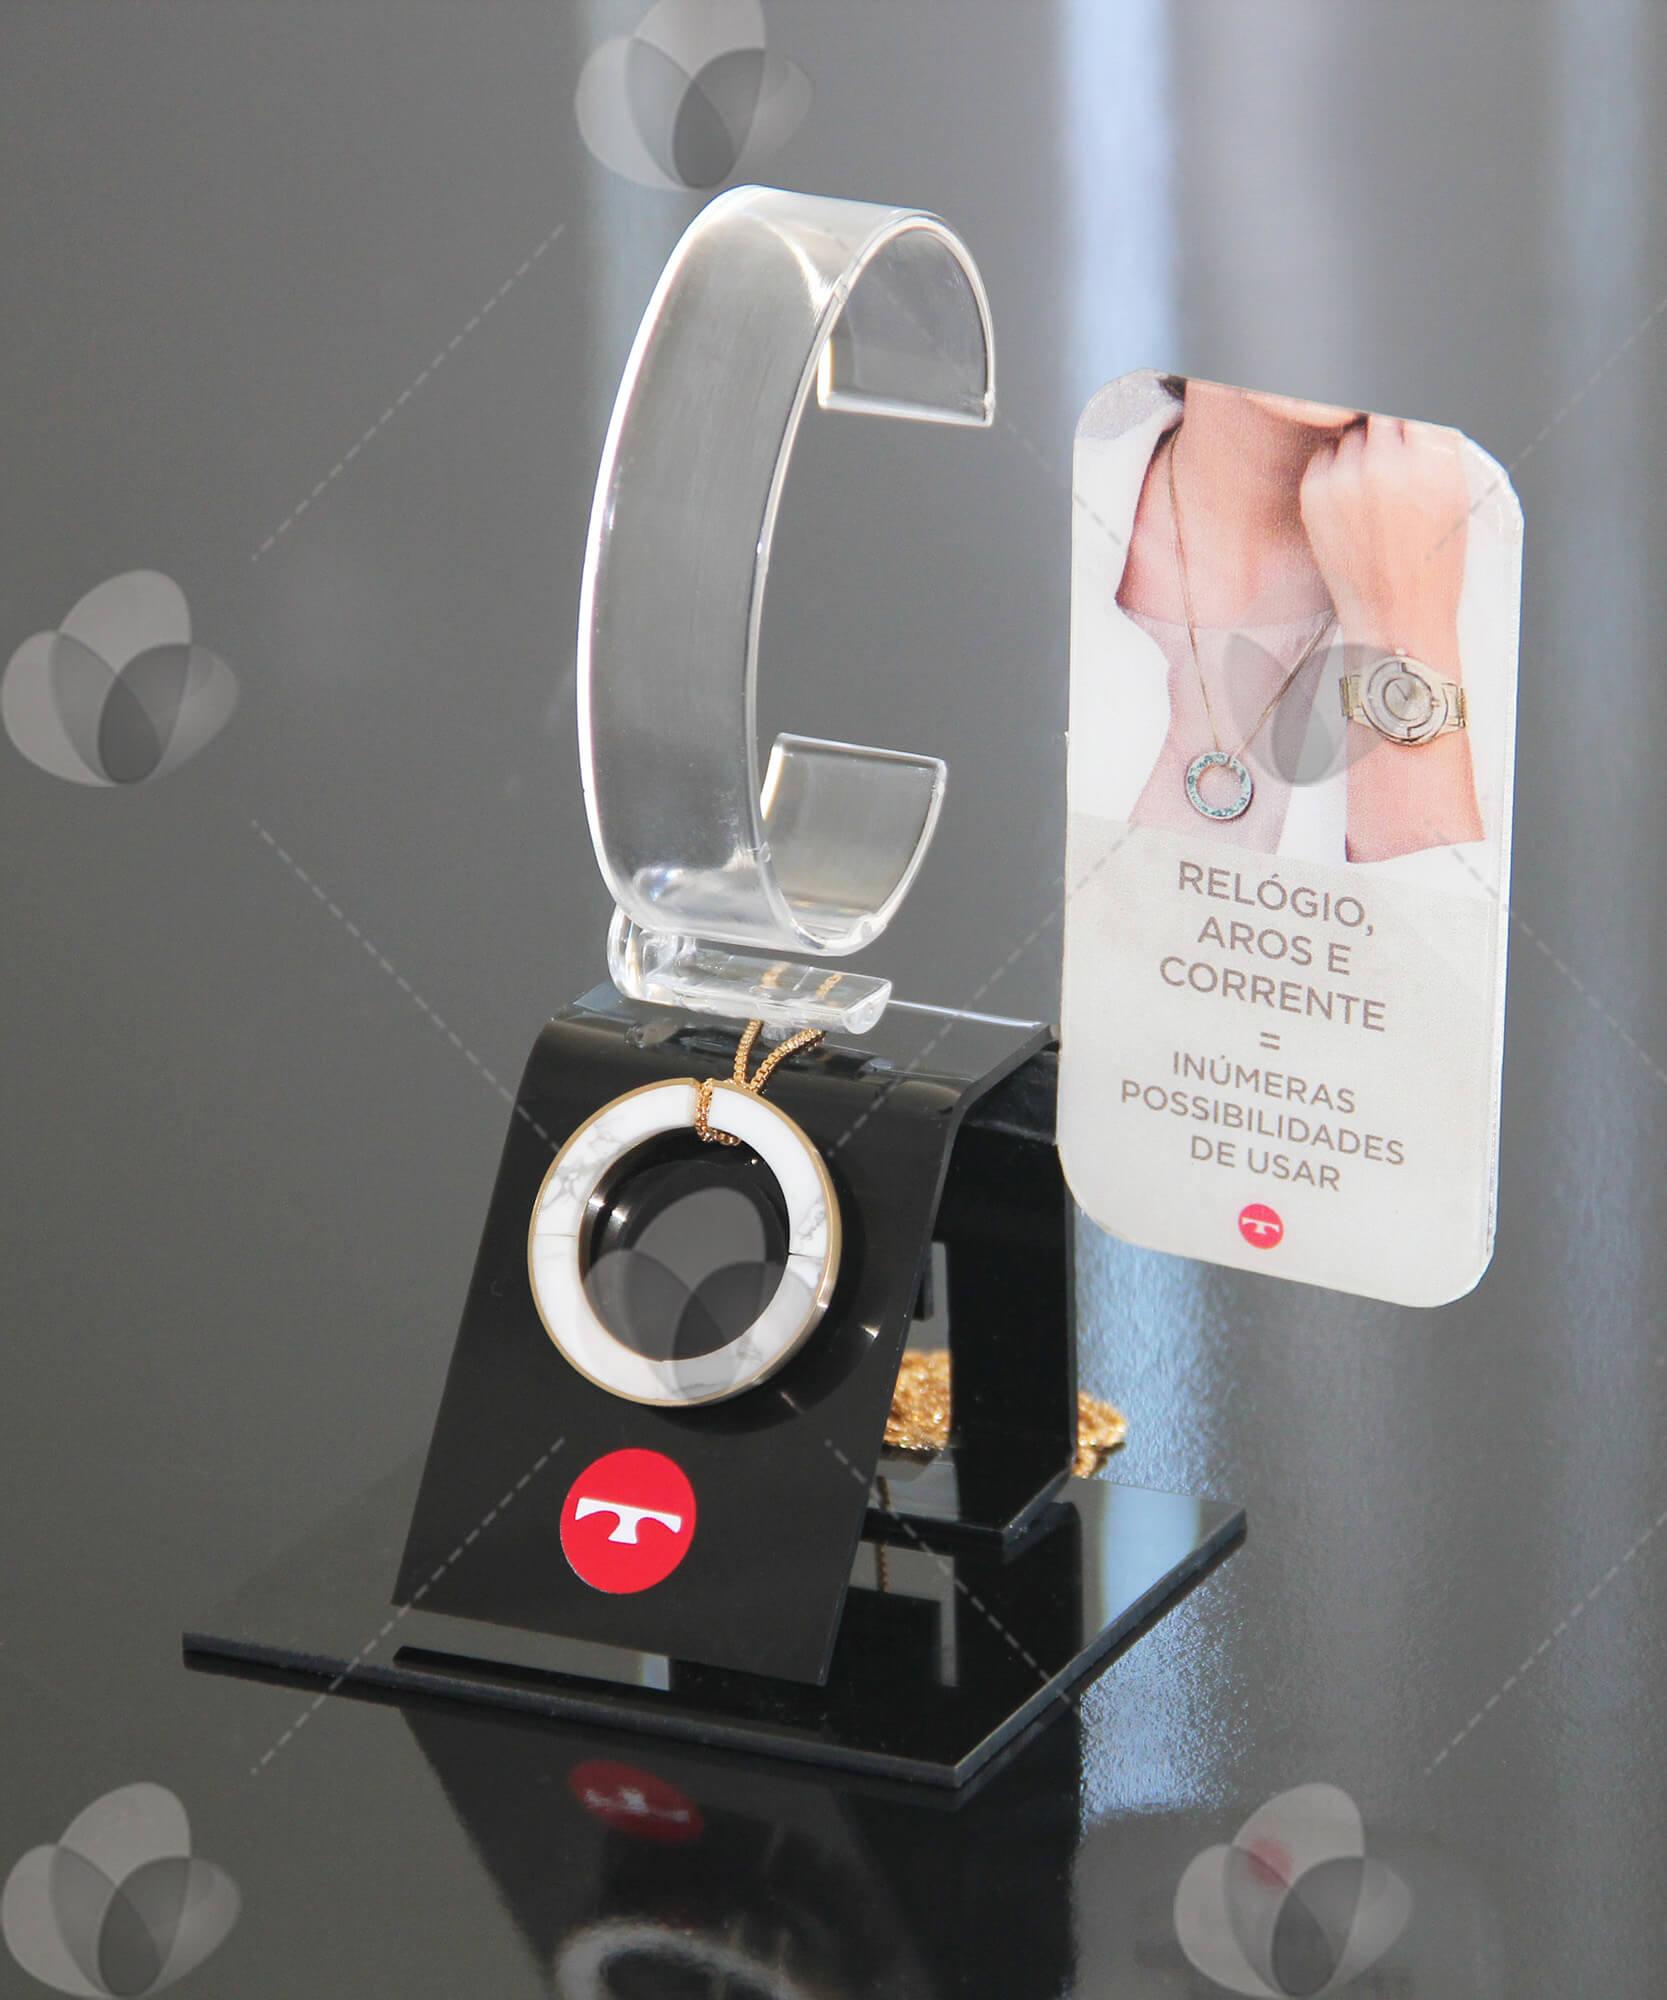 Expositor para relógios feito em acrílico para marca Technos, com espaço para expor jóias e personalizado com relevo.